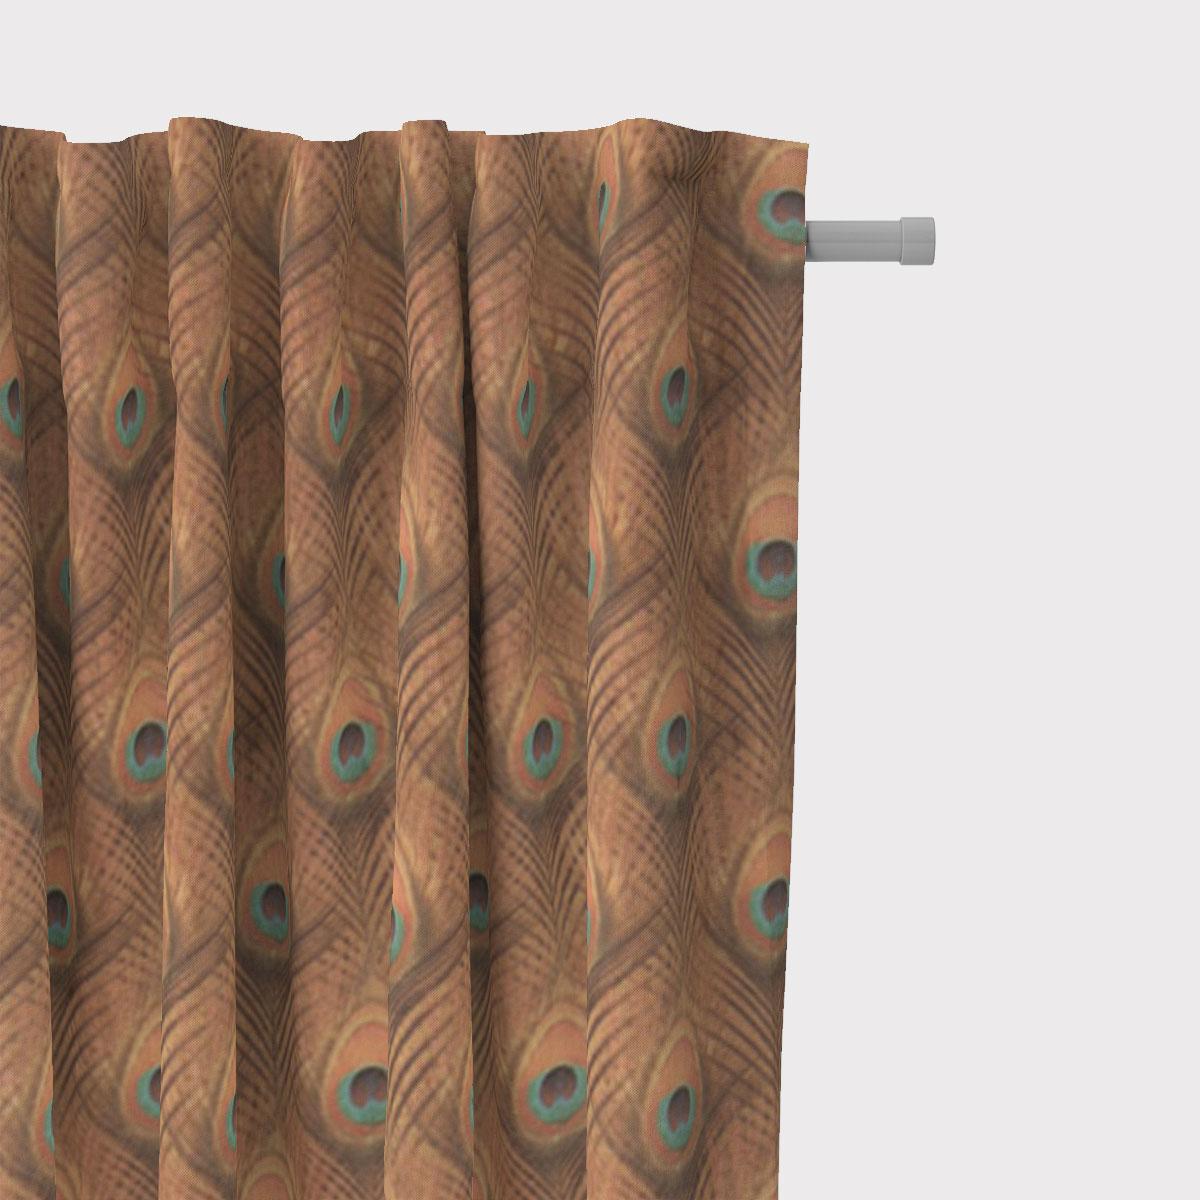 SCHÖNER LEBEN. Vorhang Velvet Deluxe Samt Pfauenauge Pfauenfeder ocker gold 245cm oder Wunschlänge